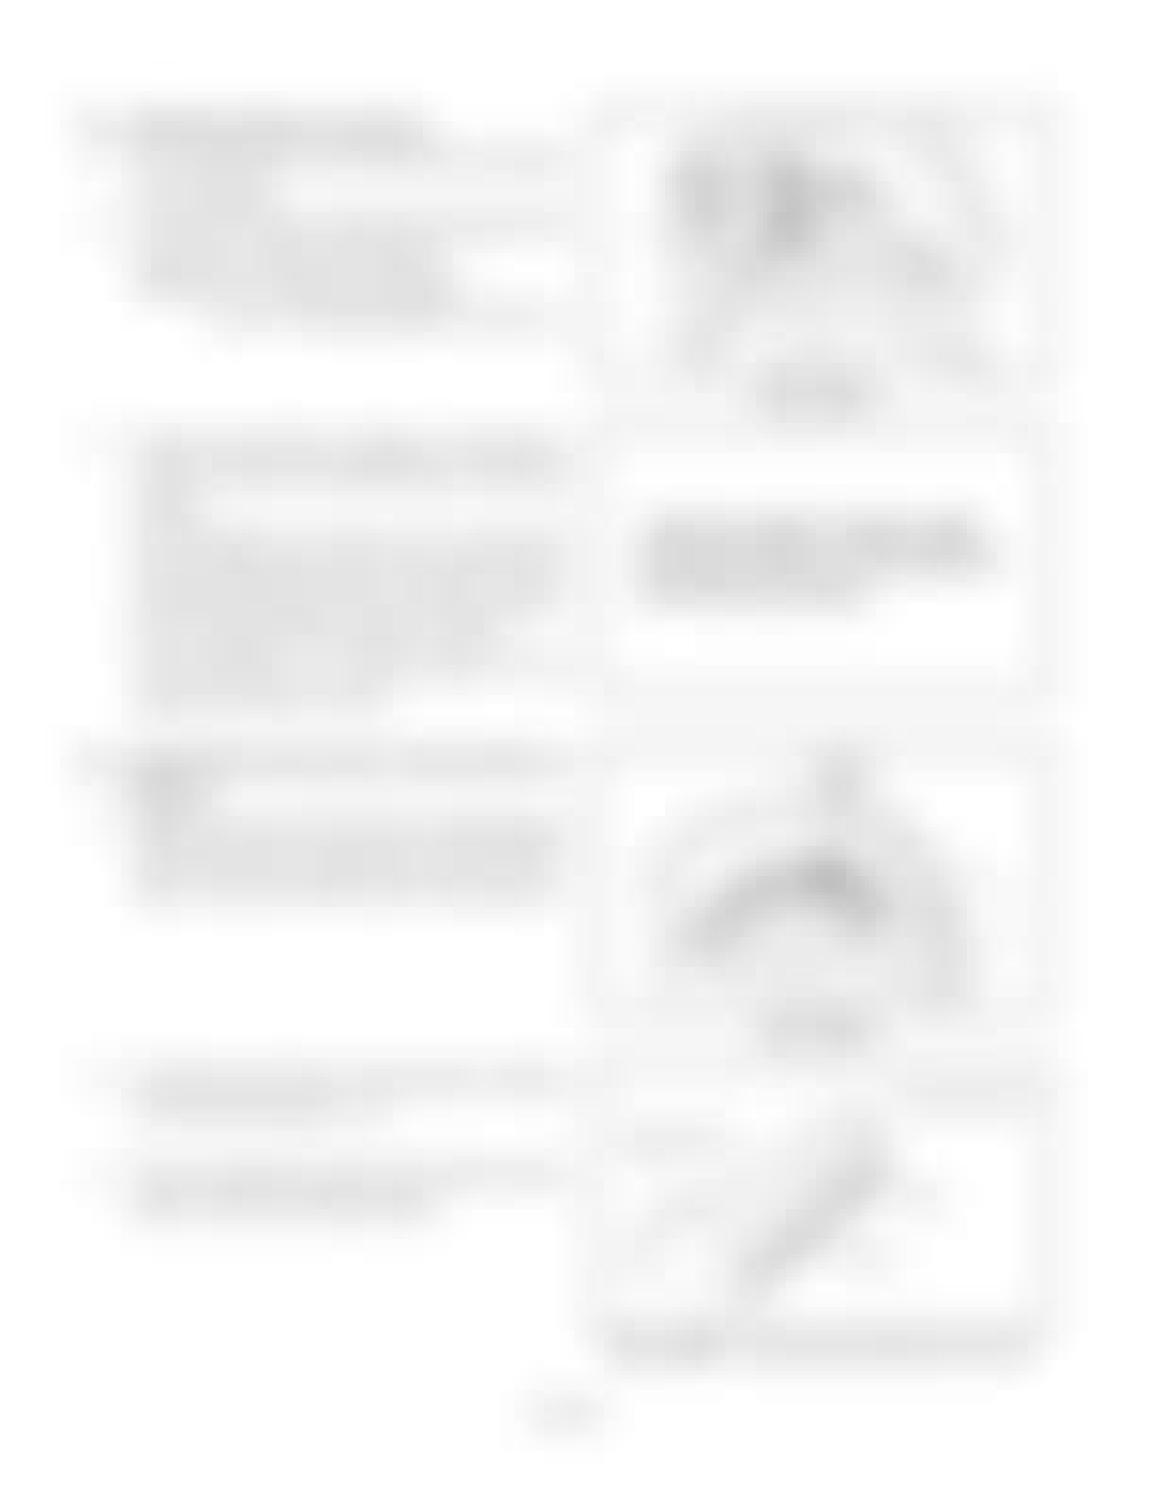 Hitachi LX110-7 LX130-7 LX160-7 LX190-7 LX230-7 Wheel Loader Workshop Manual - PDF DOWNLOAD page 206